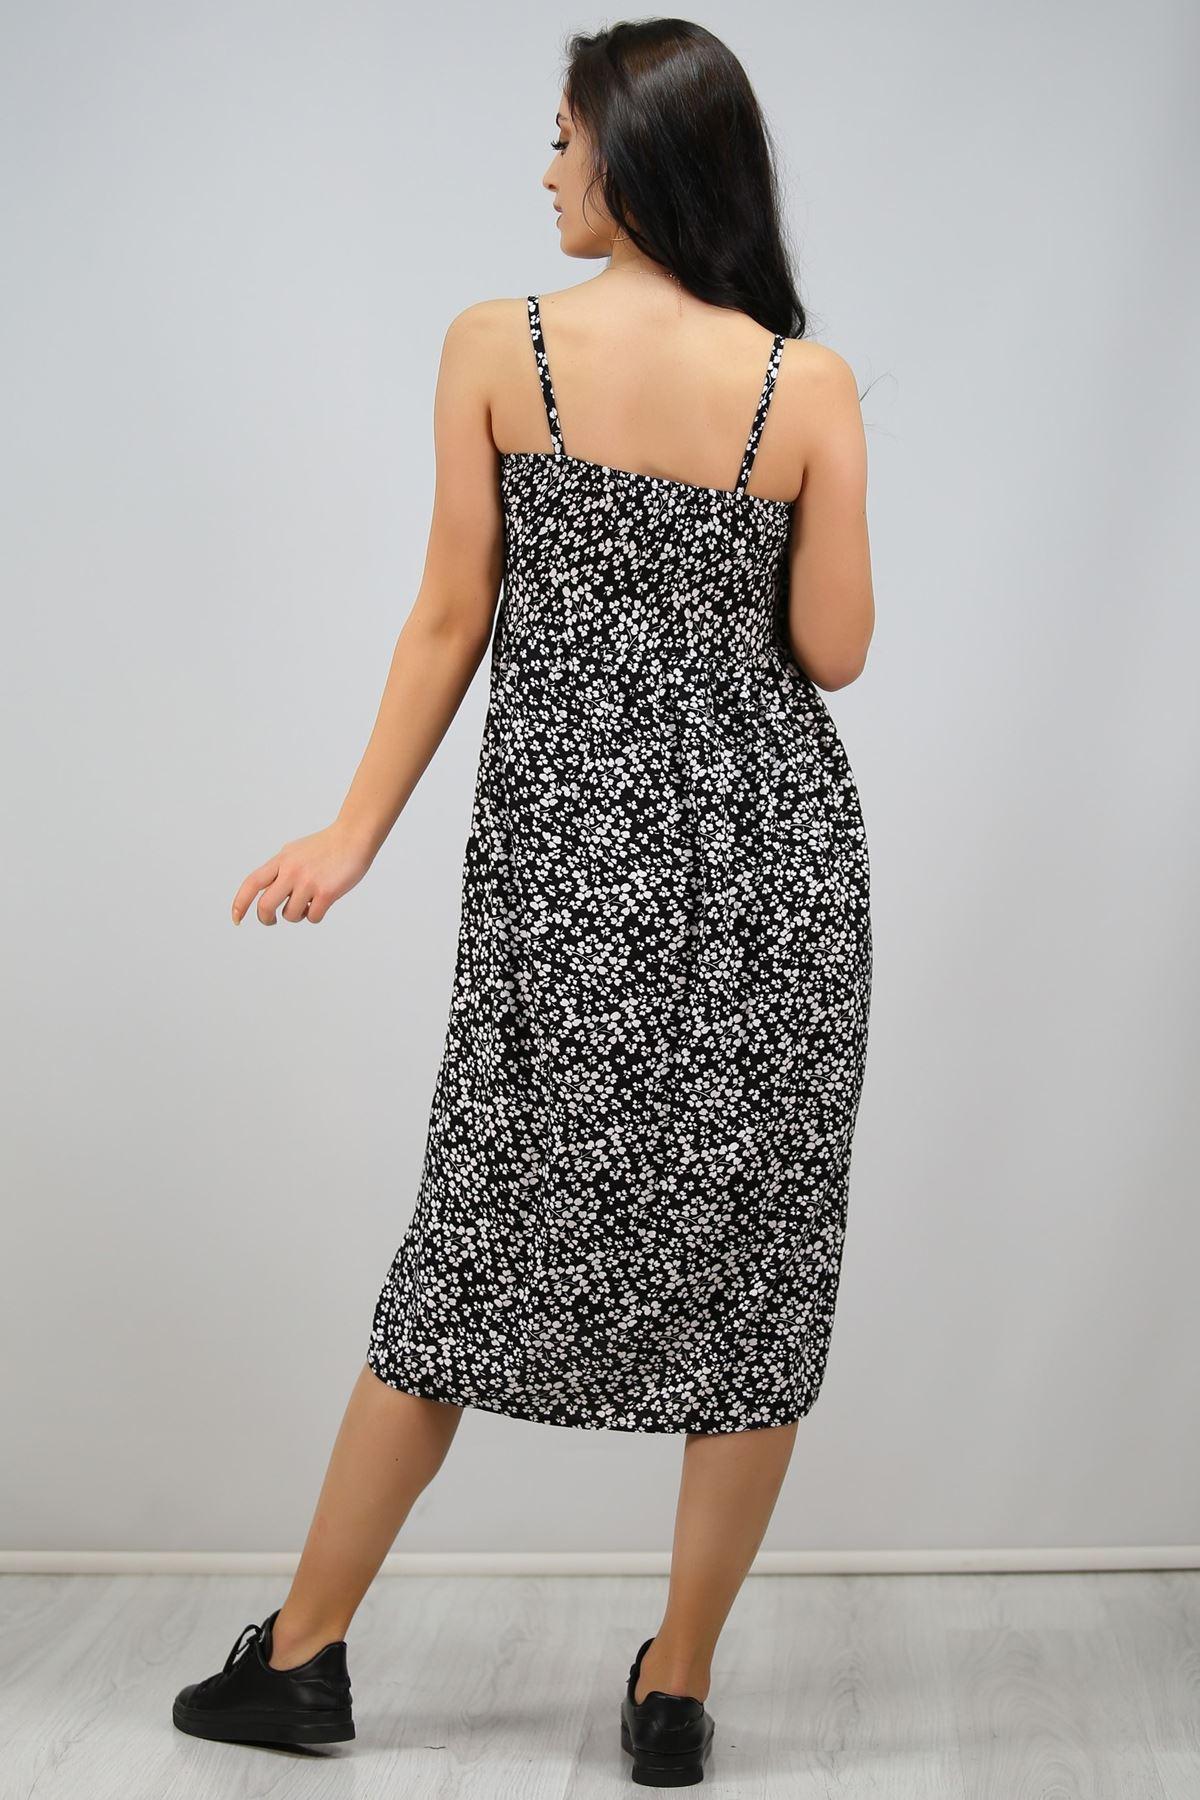 İpaskılı Düğmeli Elbise Siyah - 6578.1293.